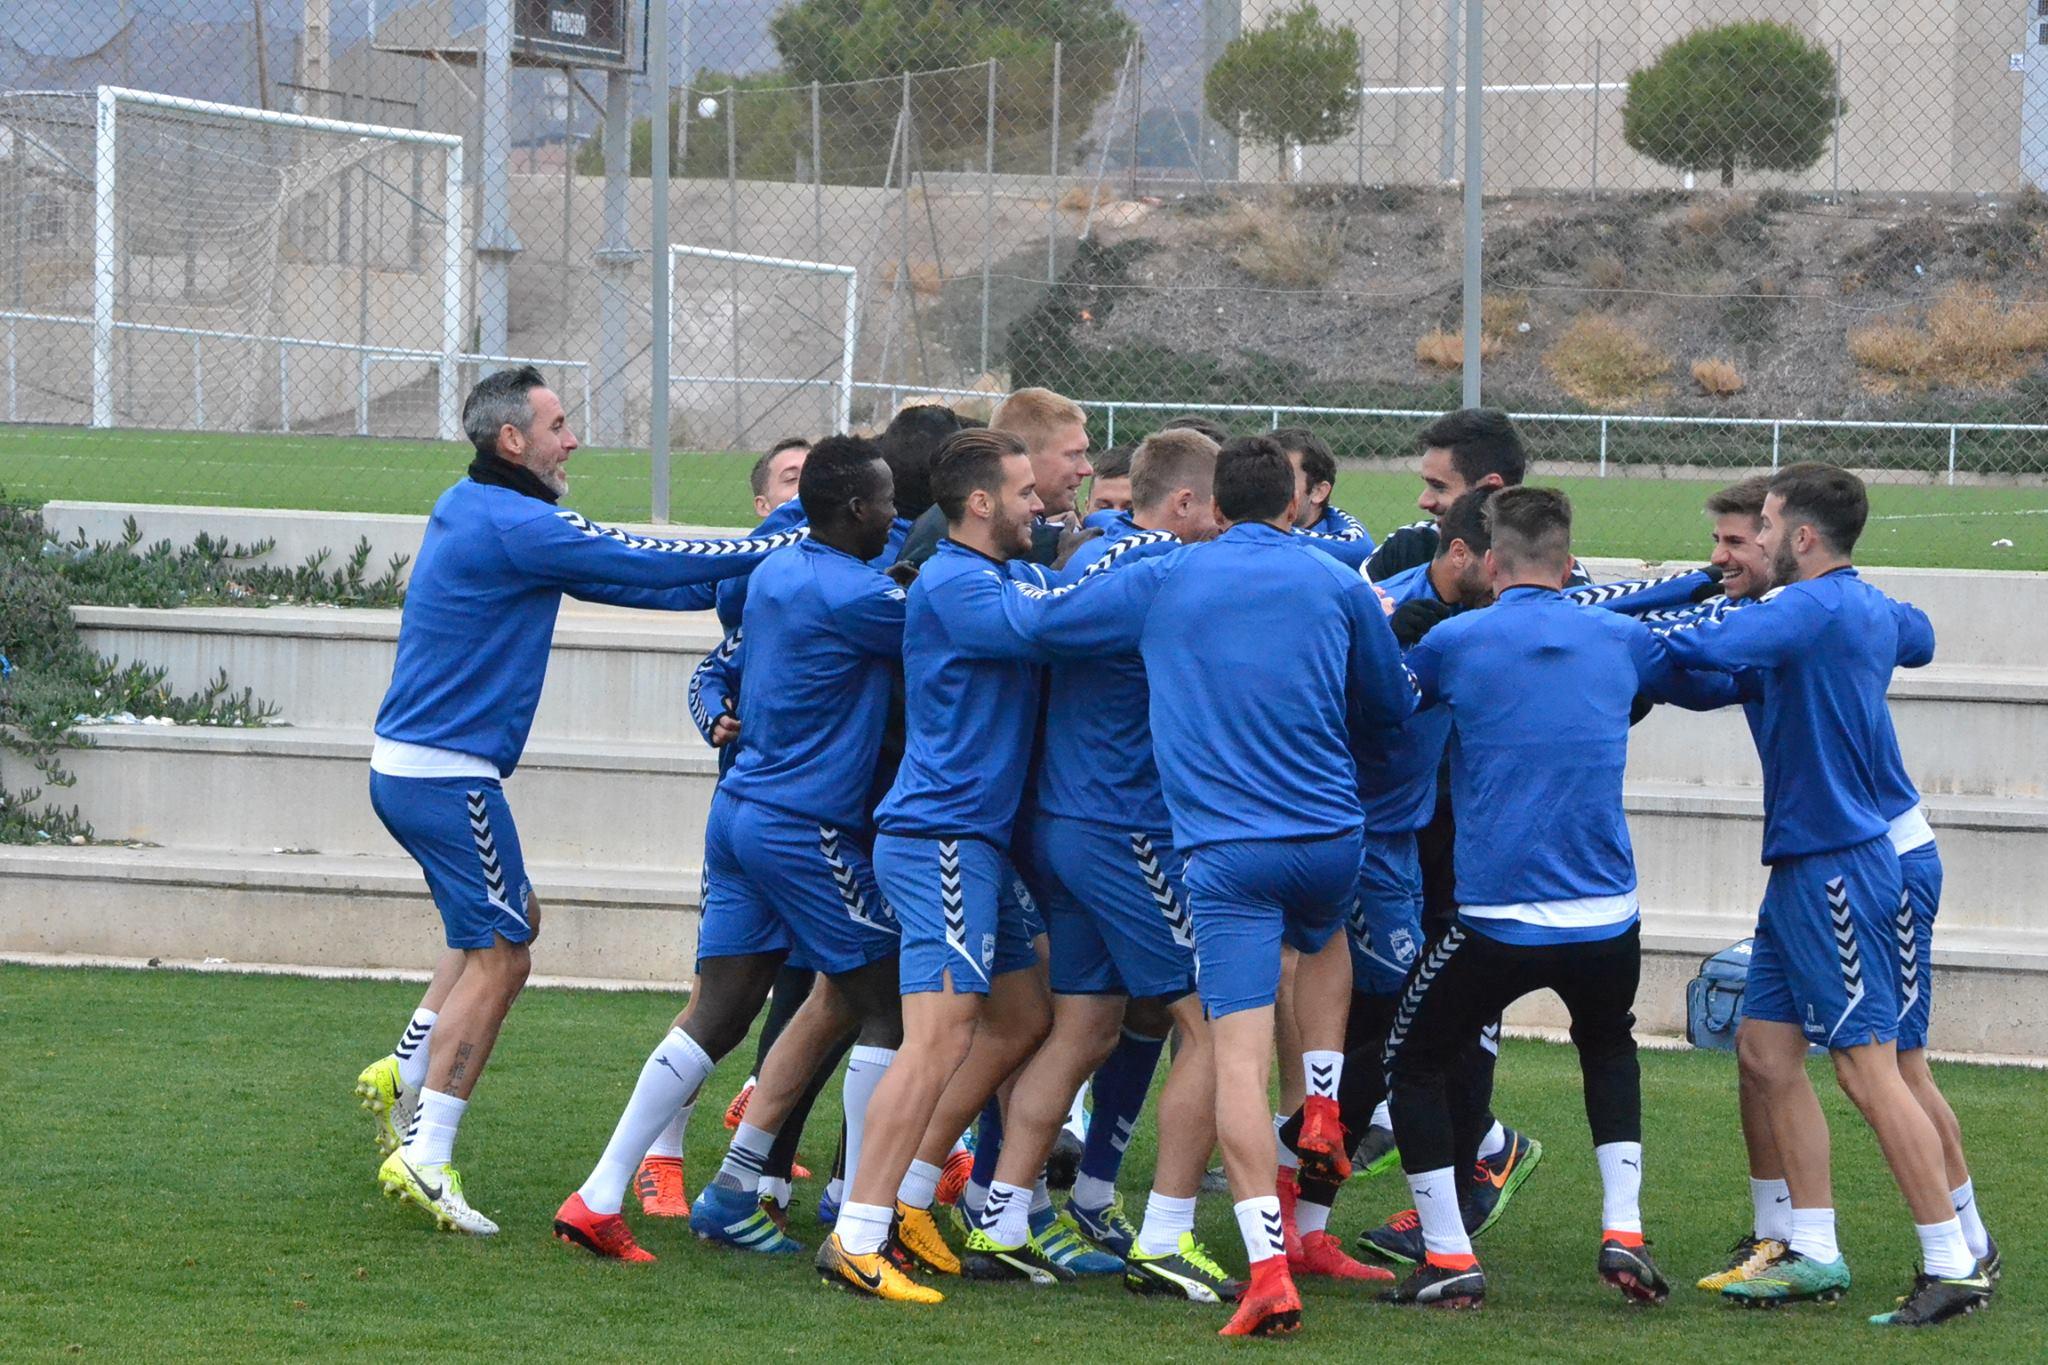 Copa del Rey, Lorca-Leonesa mercoledì 17 ottobre: analisi e pronostico dei 32esimi di finale della manifestazione spagnola